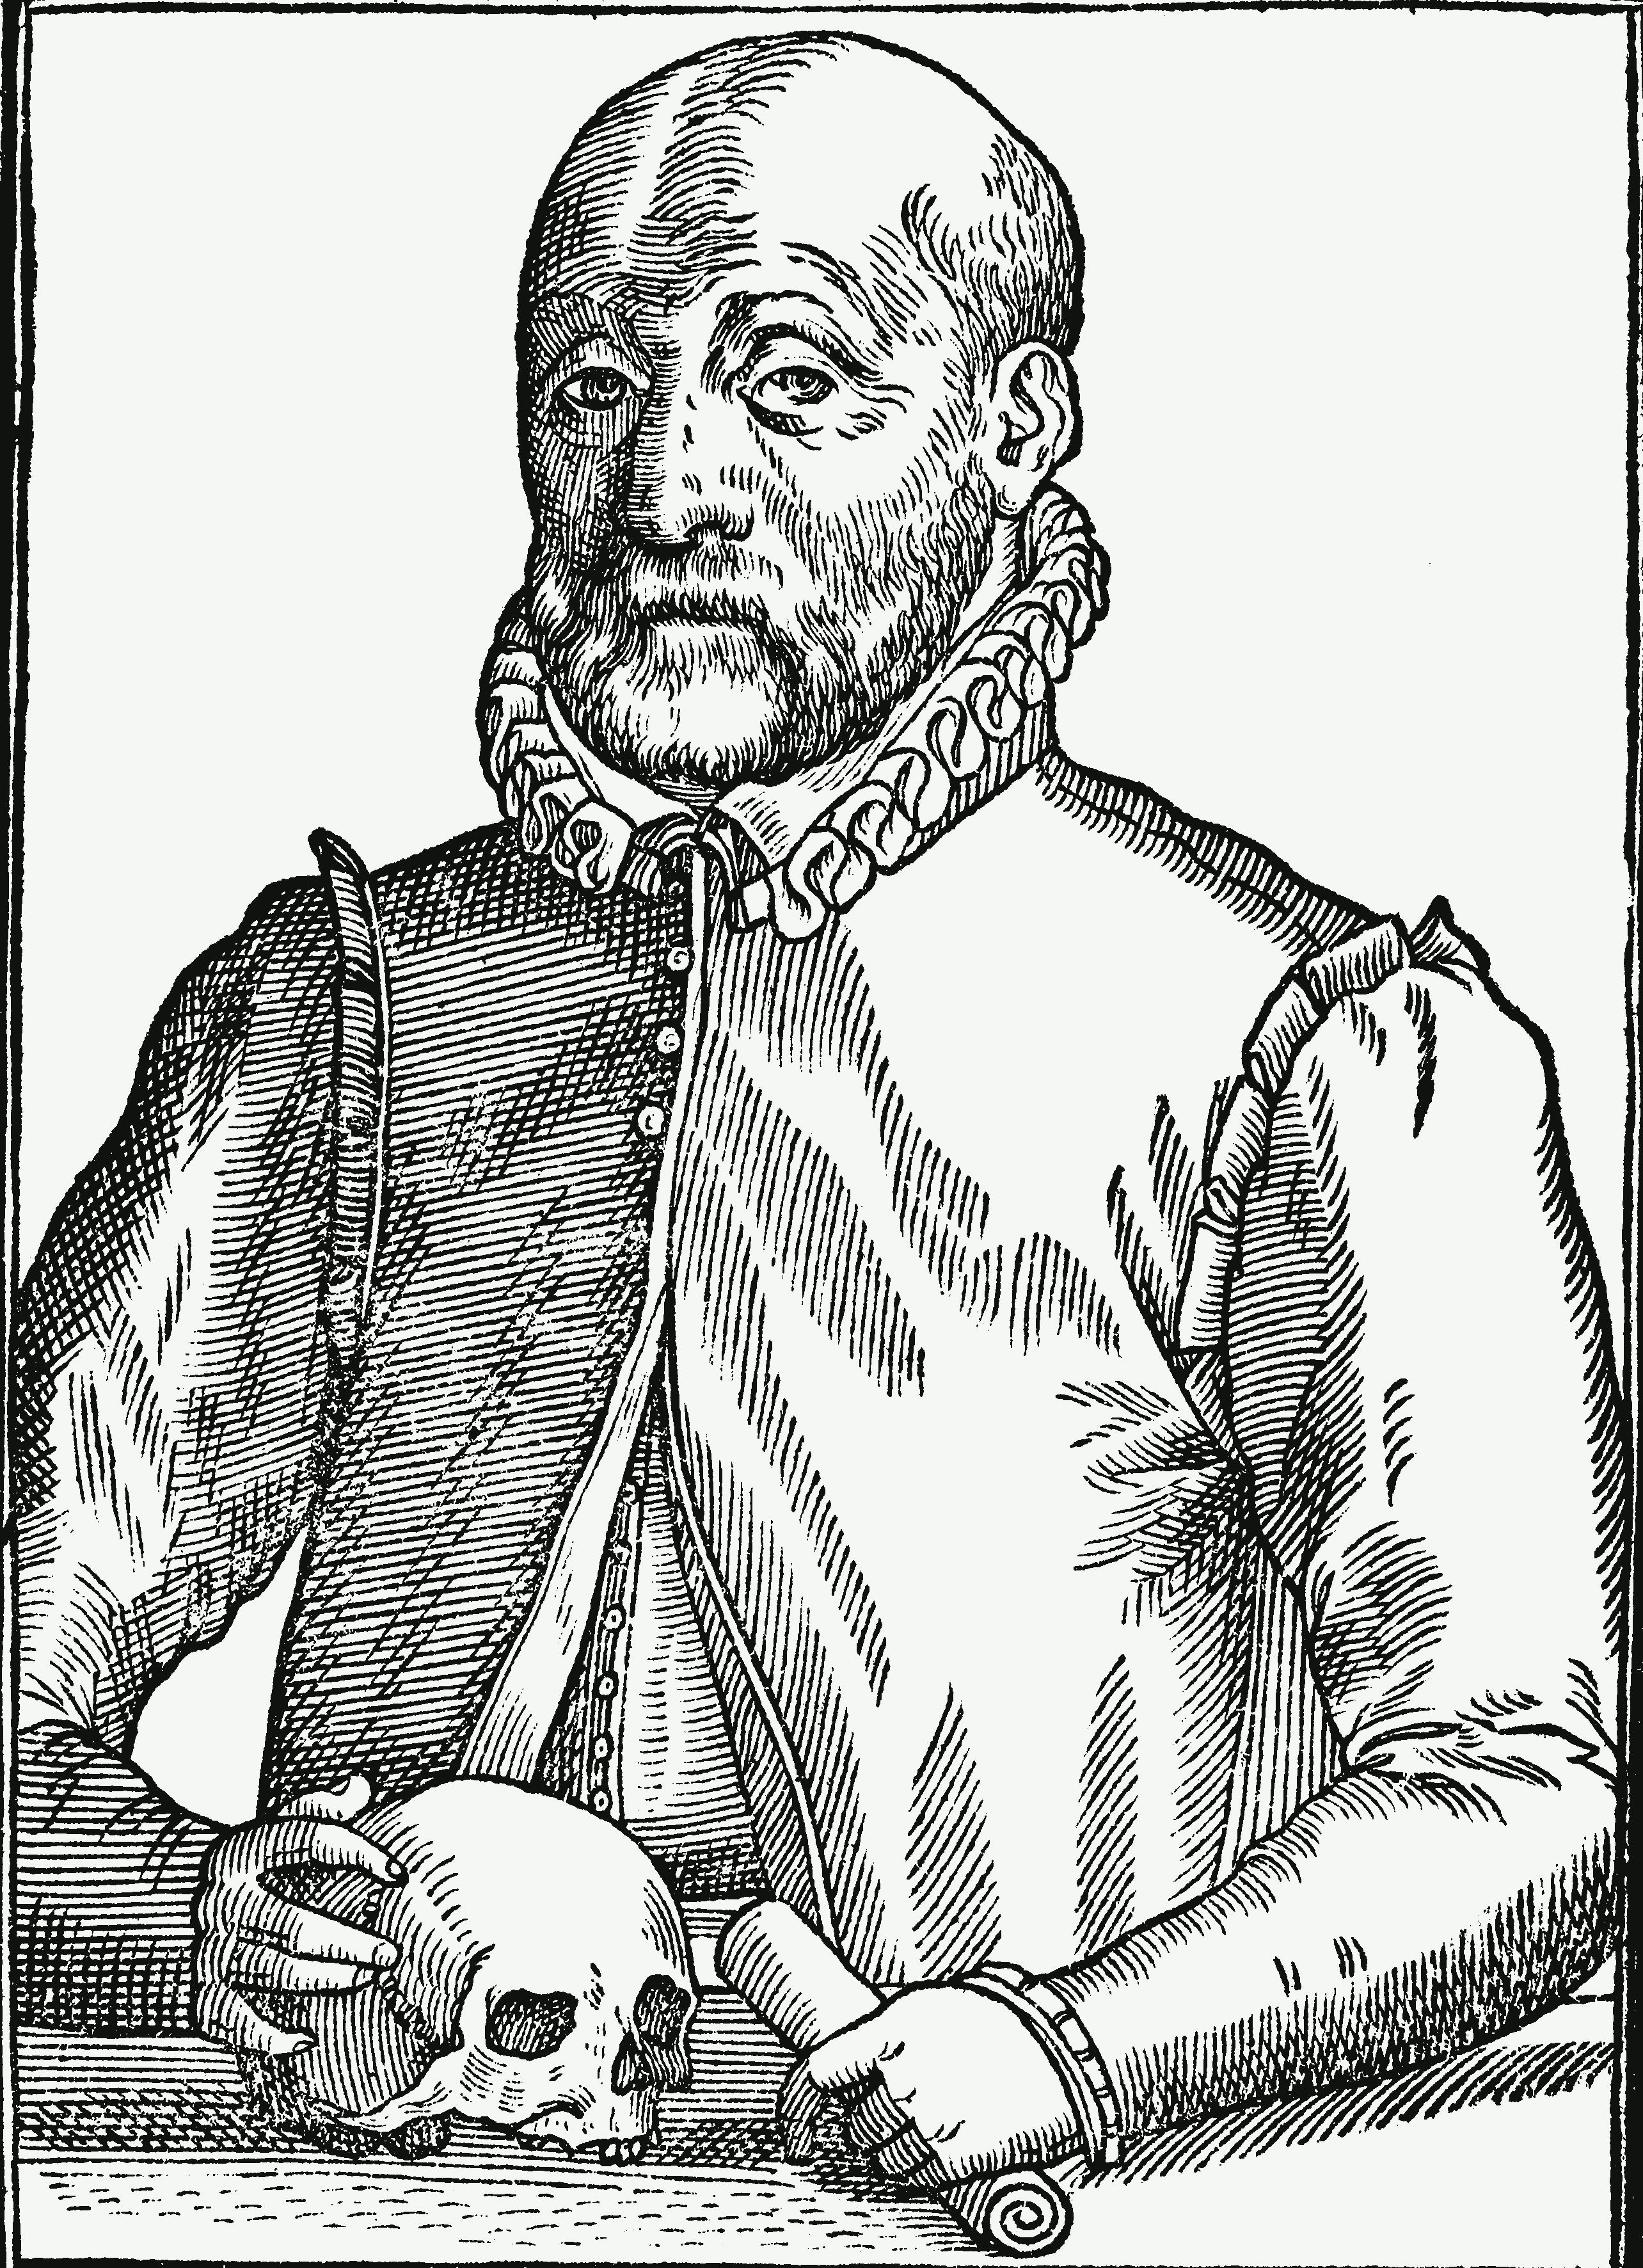 Bojoval Johann Weyer proti honům na čarodějnice, protože sám ovládal temné síly?